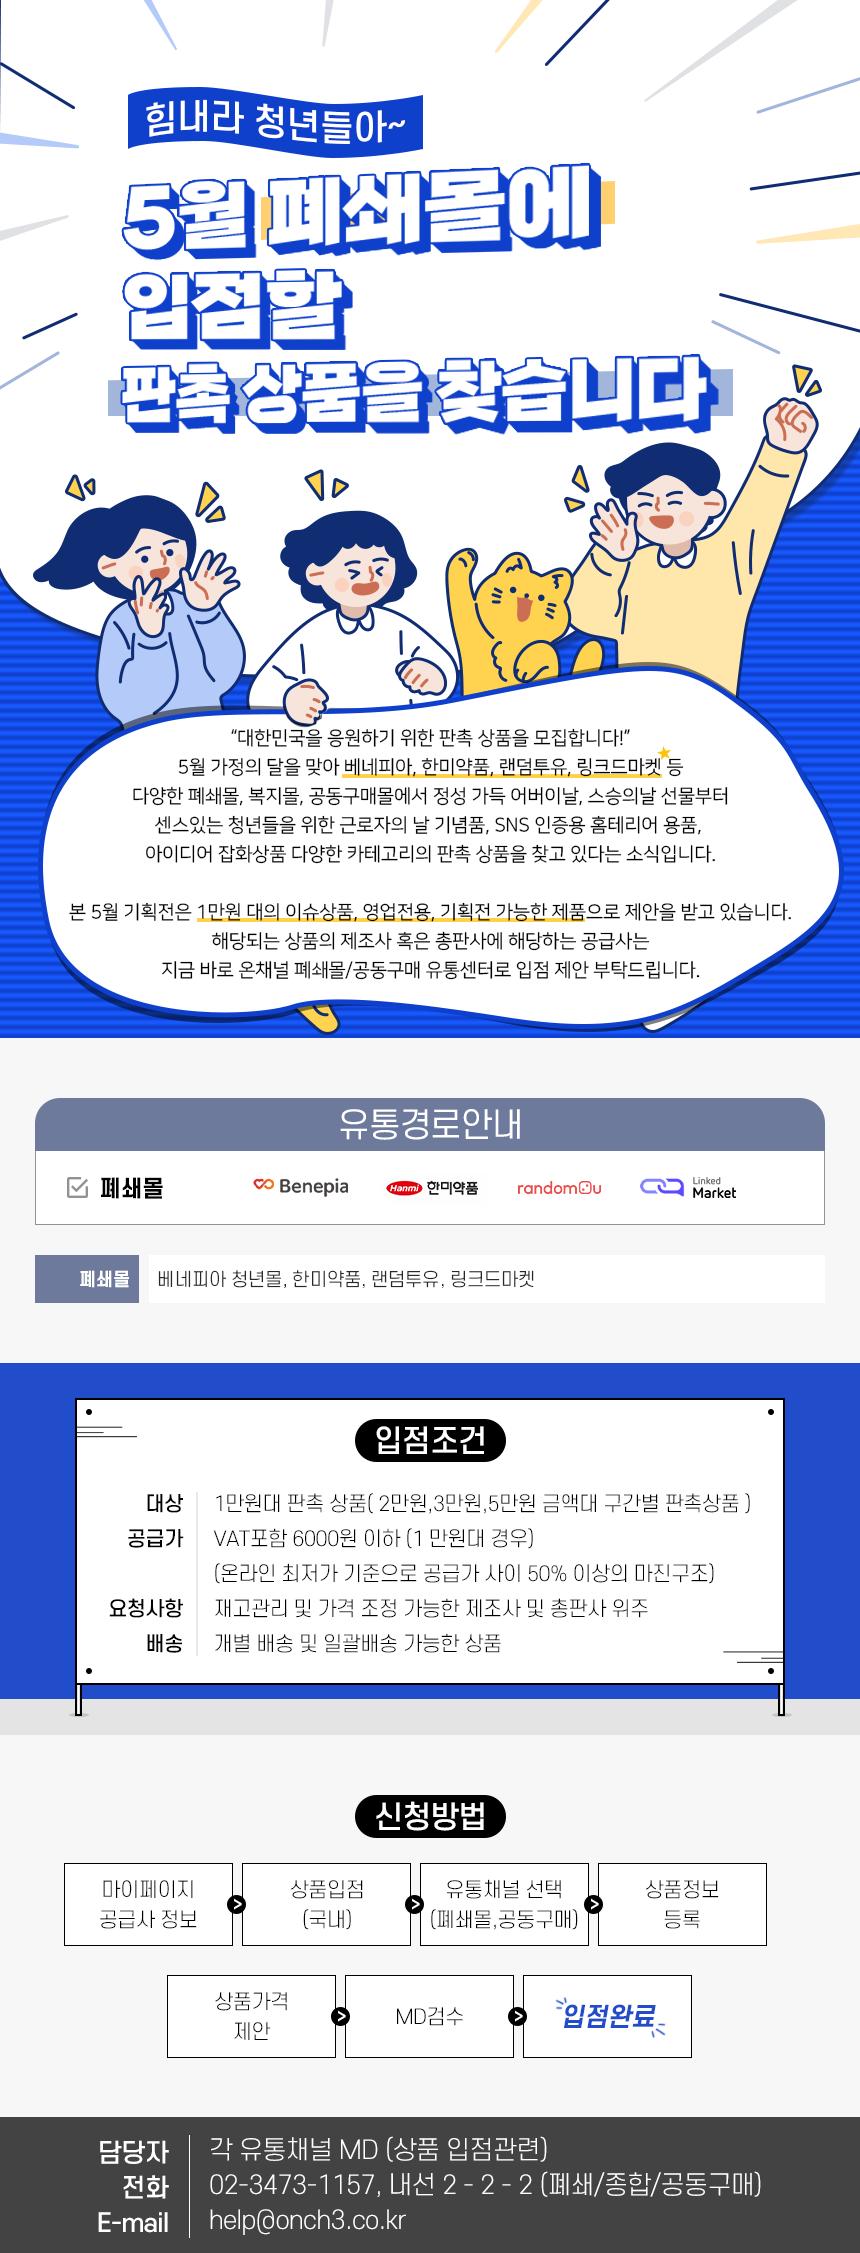 210420_5월_폐쇄몰_수정_1.png